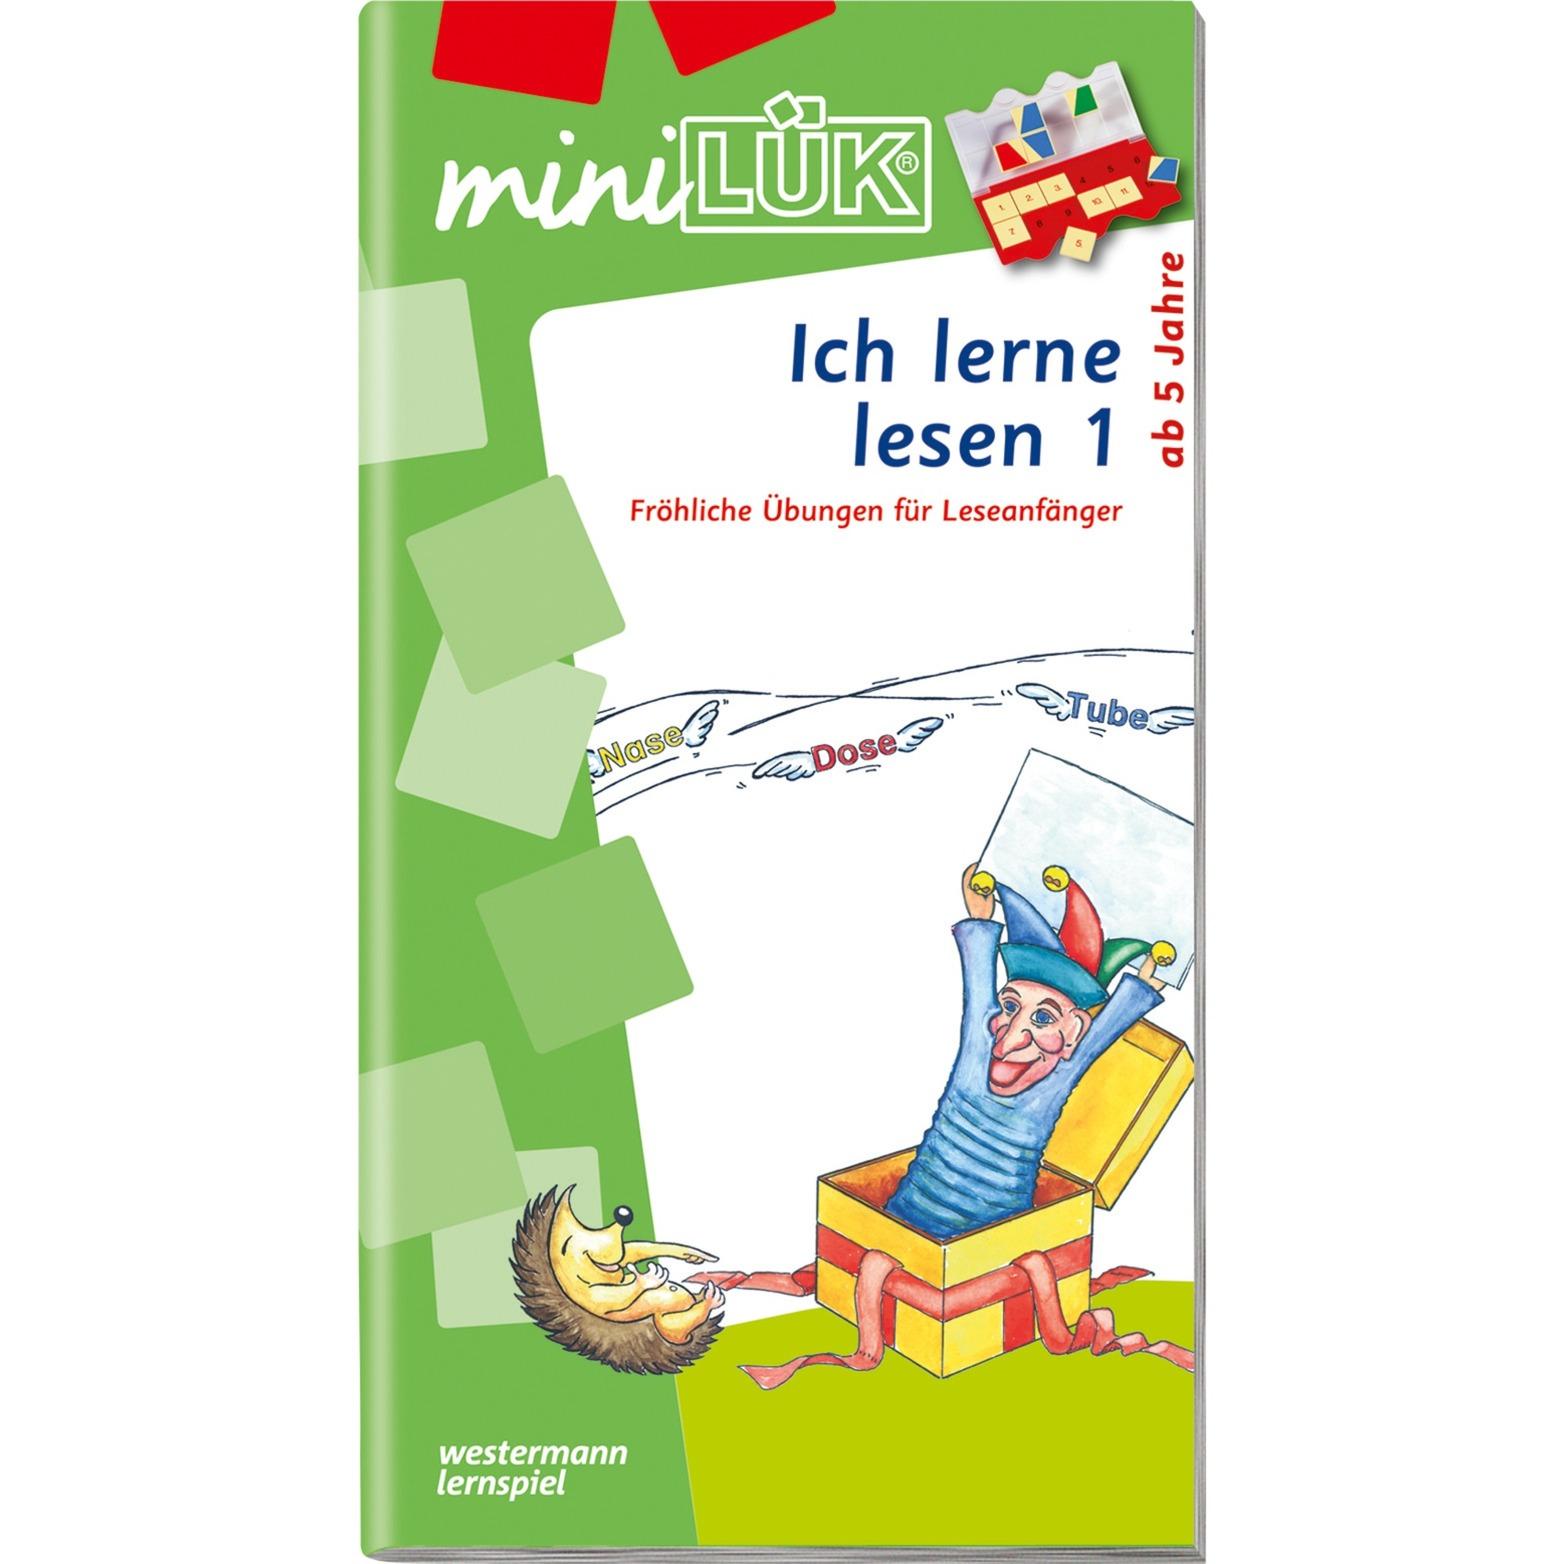 ich-lerne-lesen-1-bornebog-bog-til-indlaring-skolebog